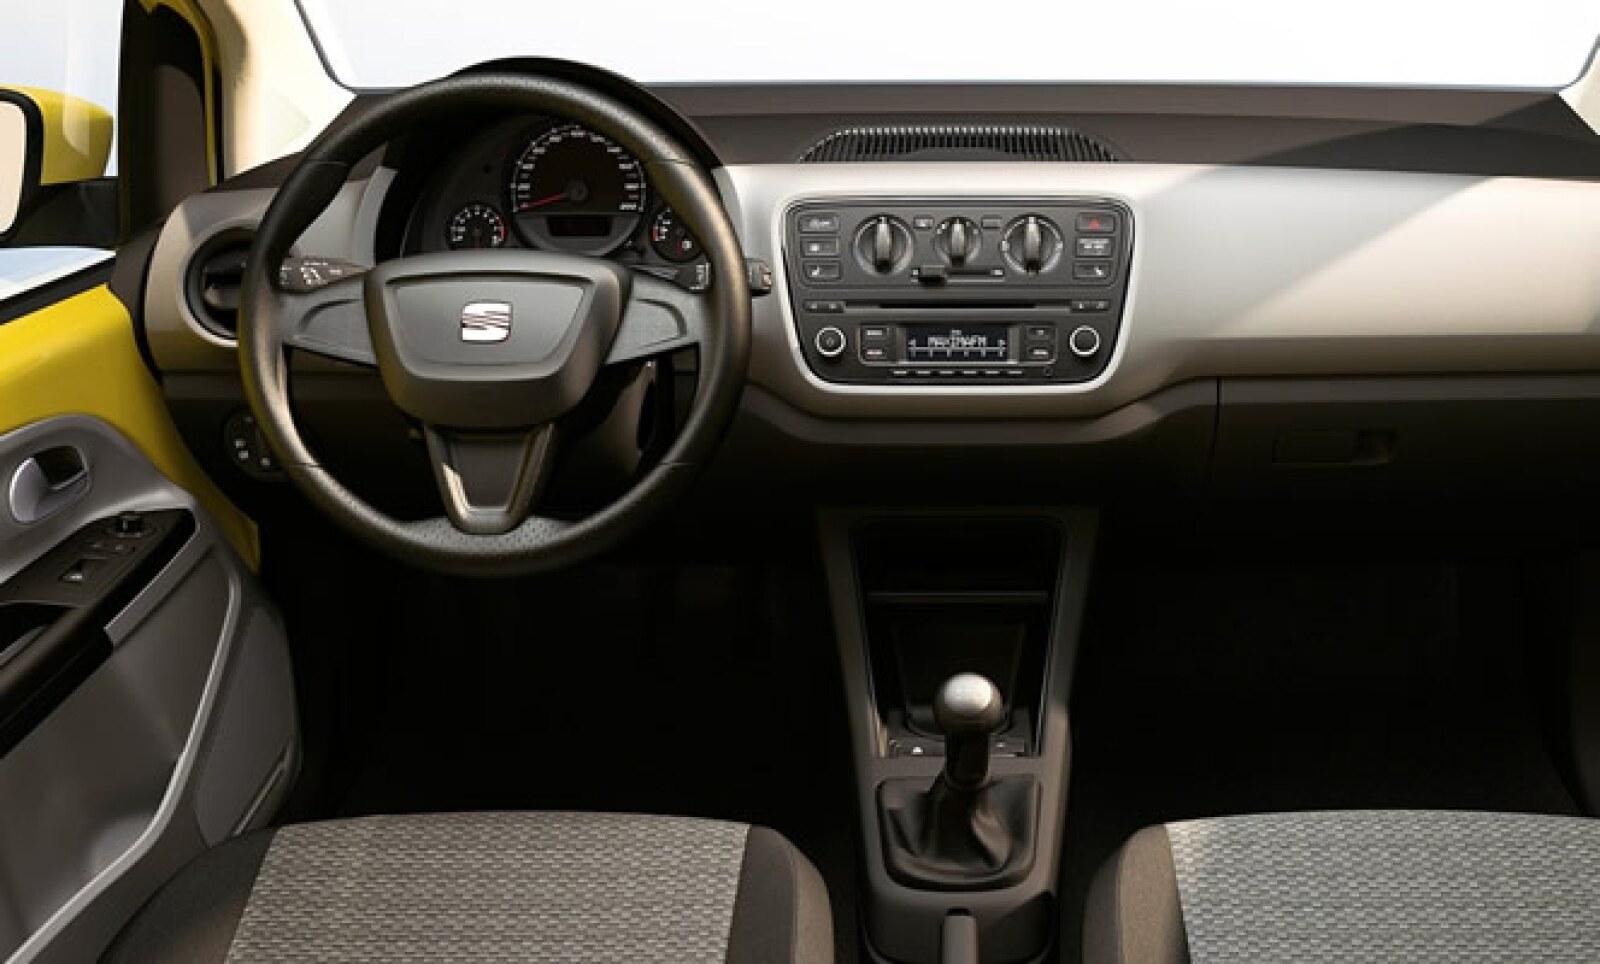 El interior, que tiene una capacidad para albergar a cuatro pasajeros, se destaca por la ergonomía entre los instrumentos y los elementos de control.